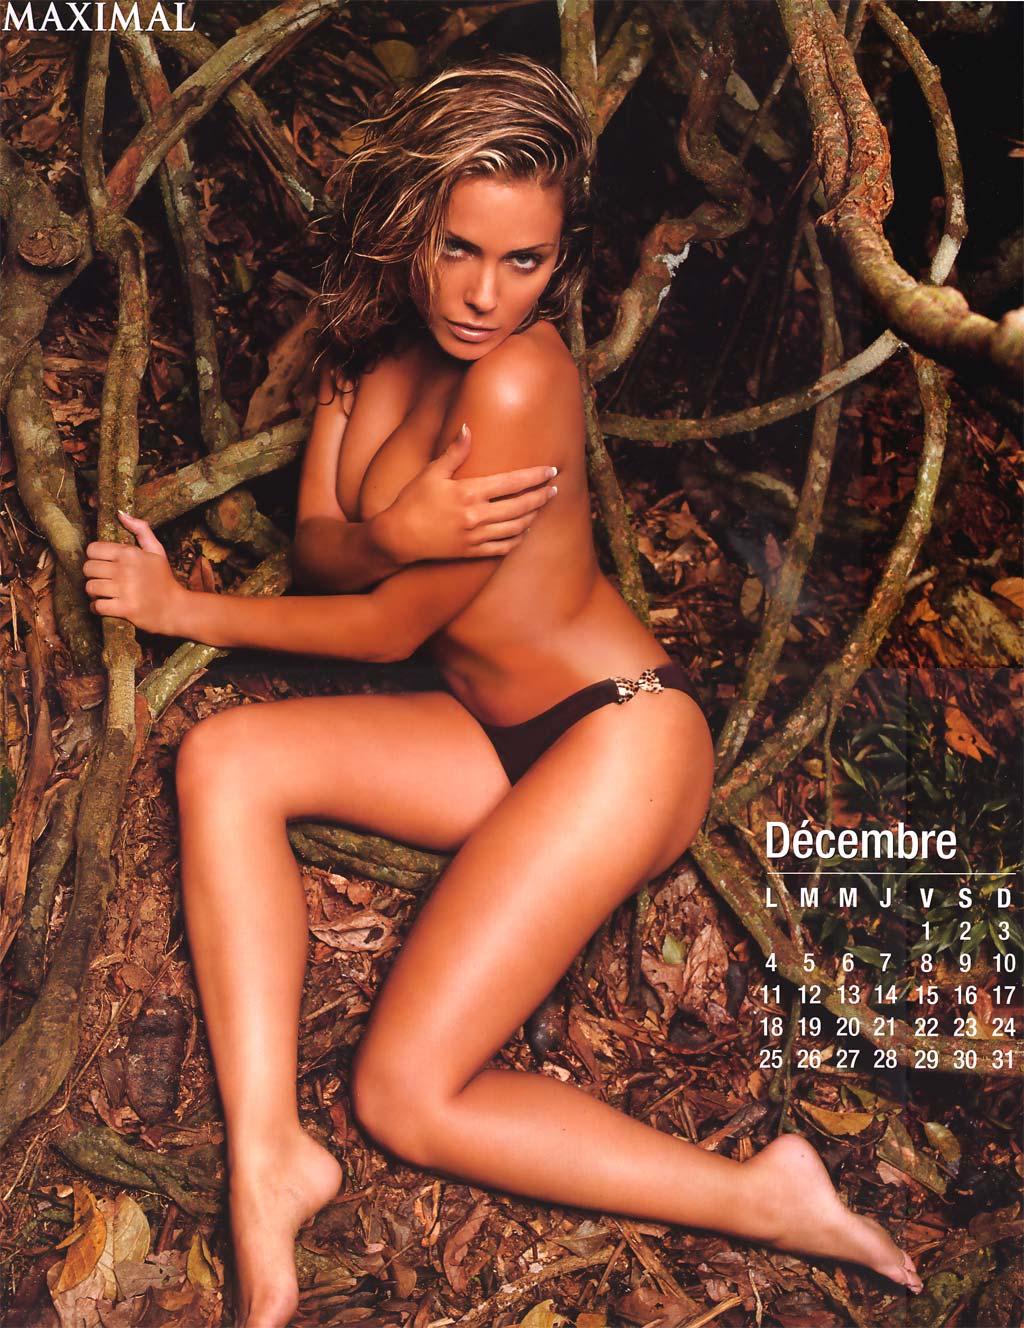 Me! Clara morgane very hot nue